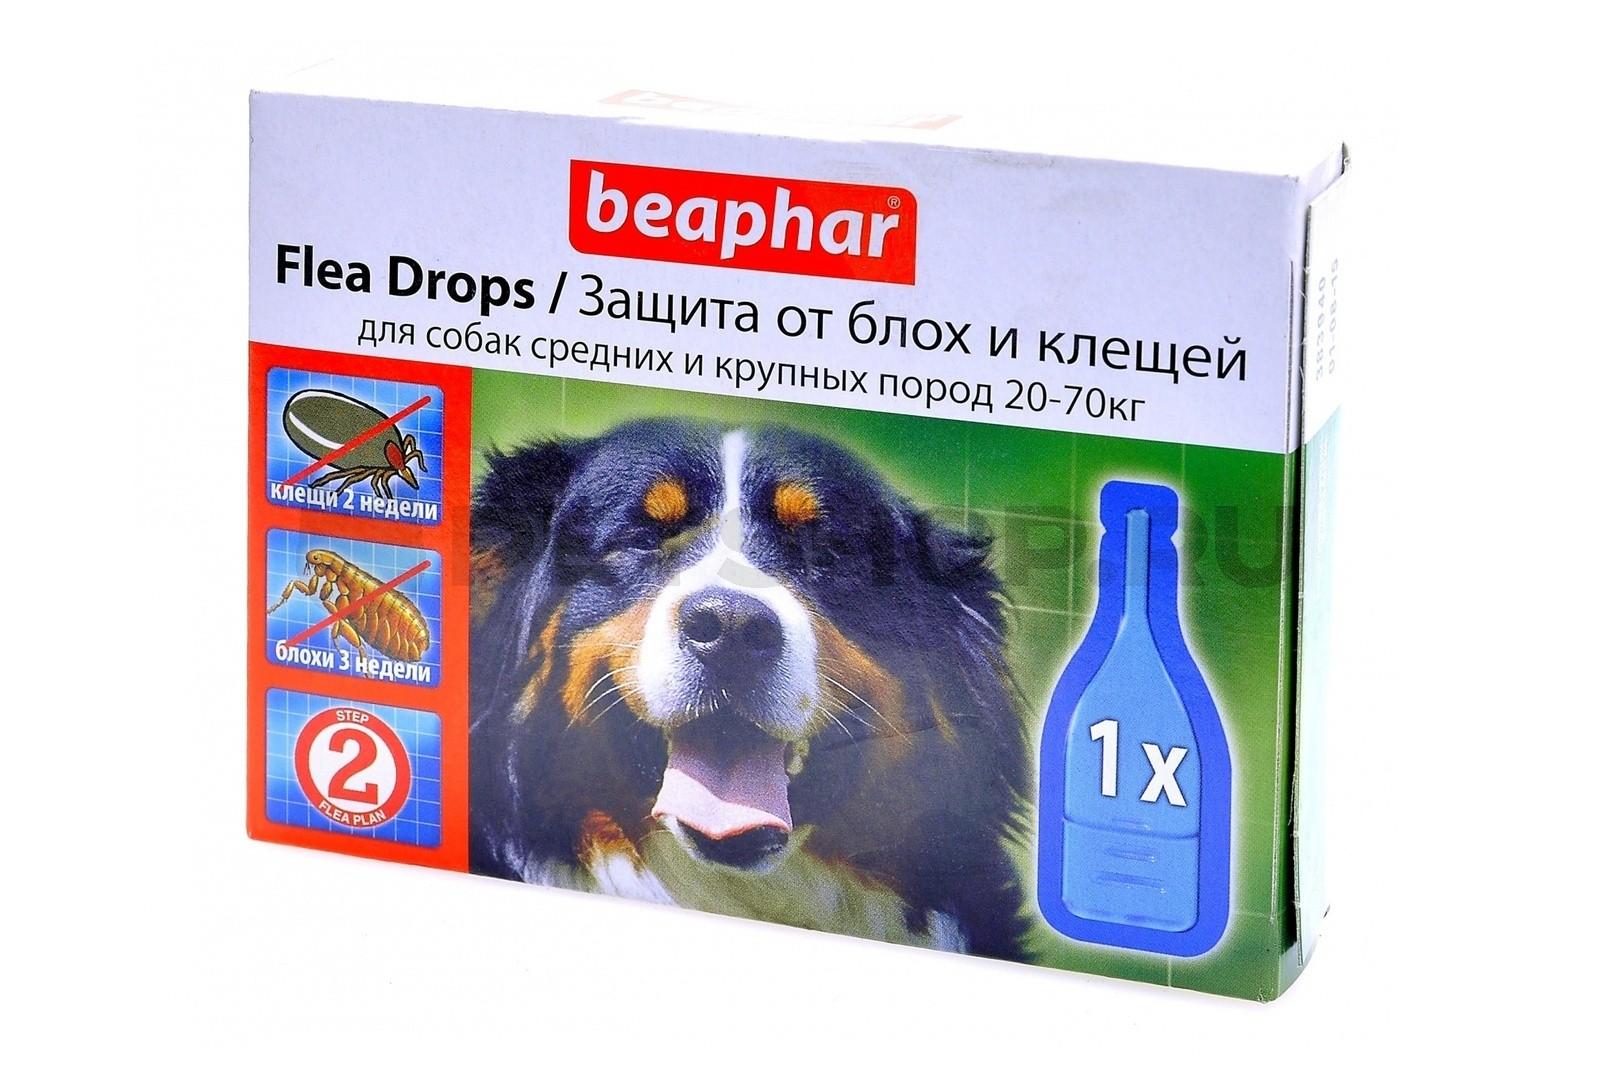 диазинон для собак в составе препарата для иной марки